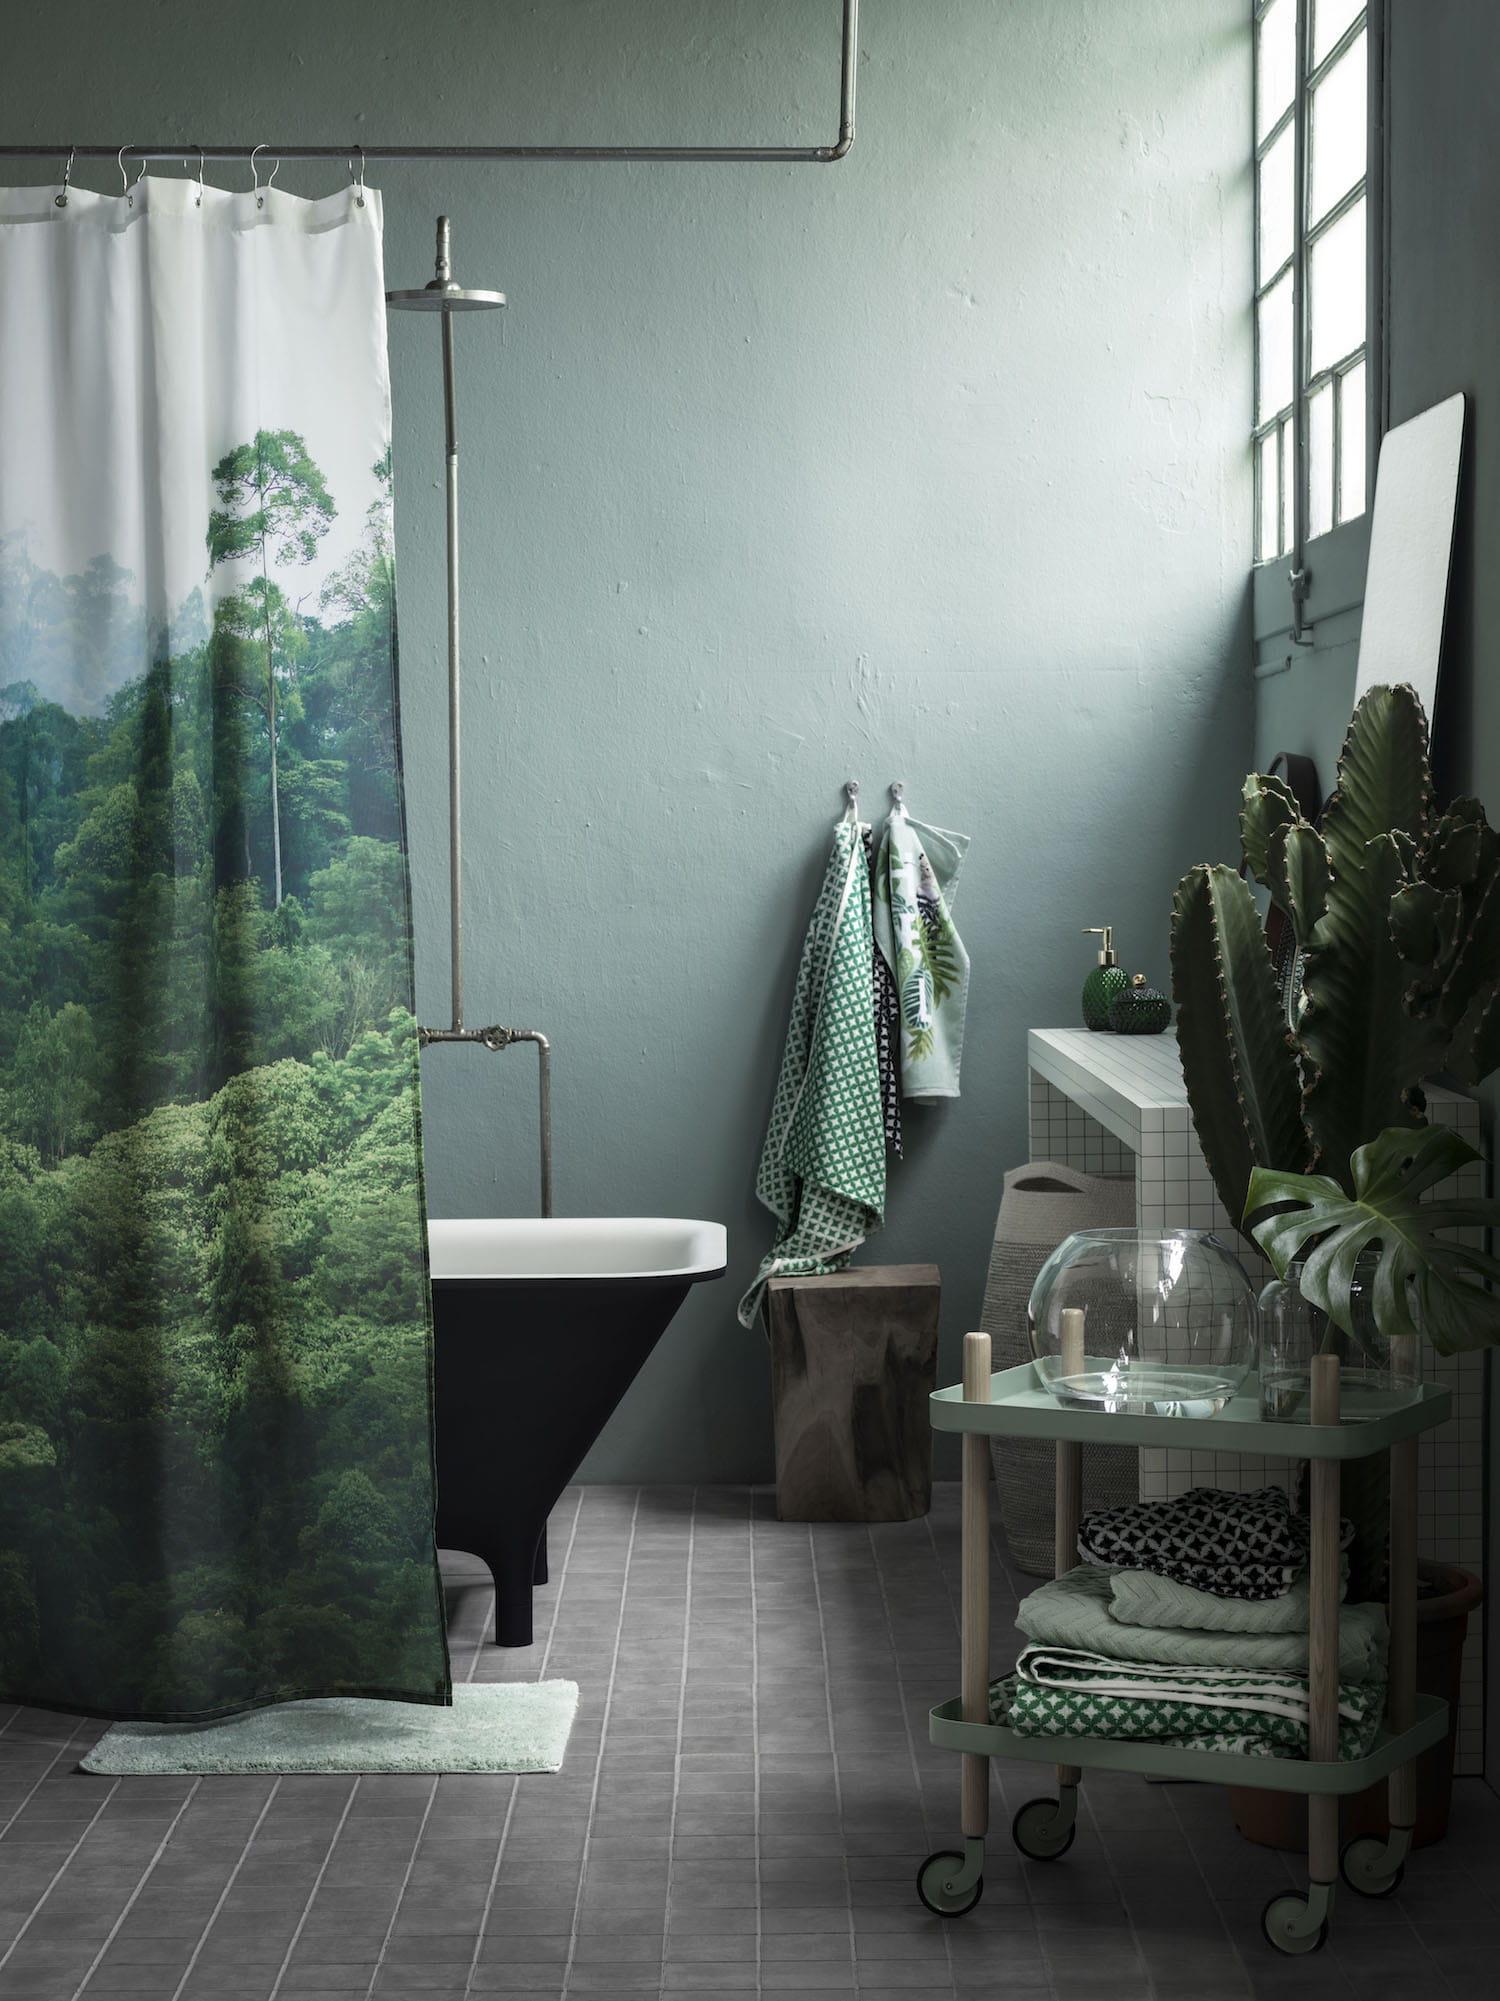 Salle de bain vert kaki for Peinture vert kaki